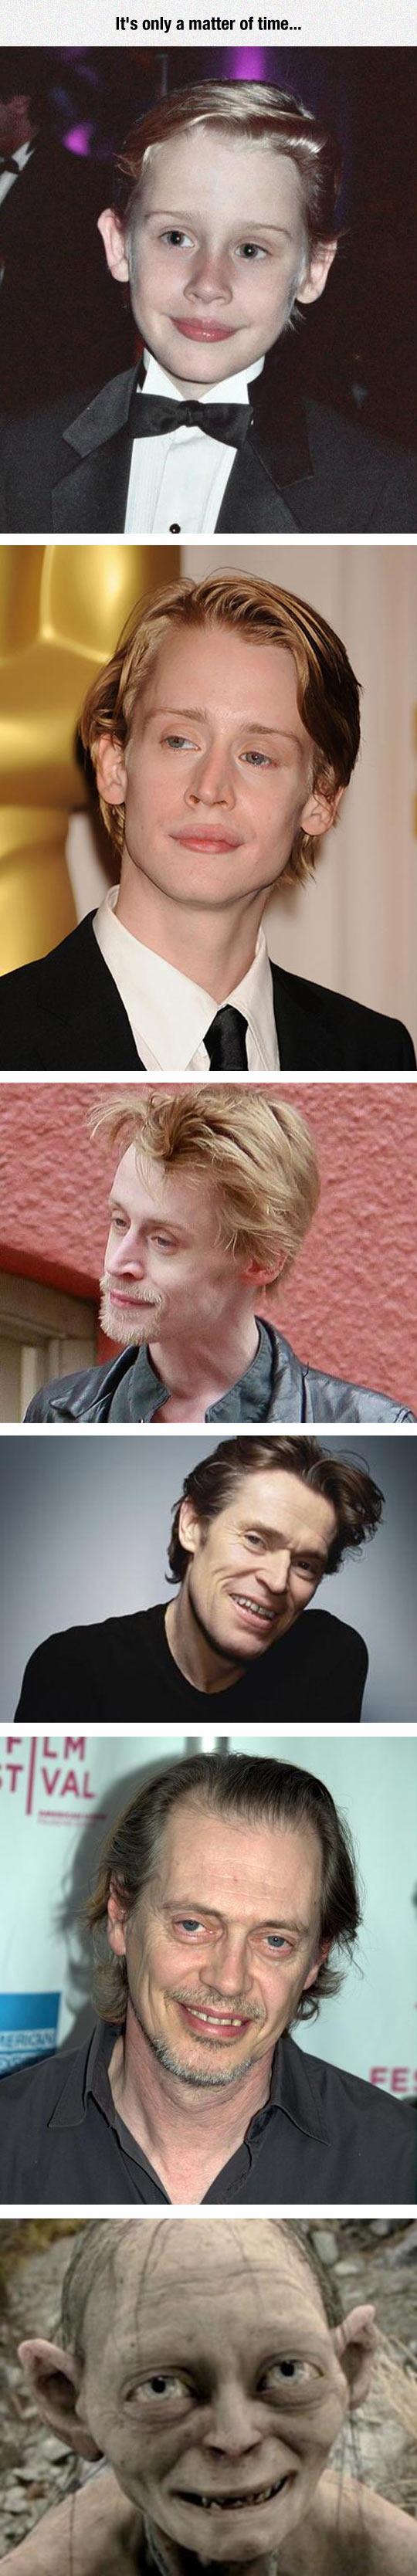 cool-Macaulay-Culkin-kid-growing